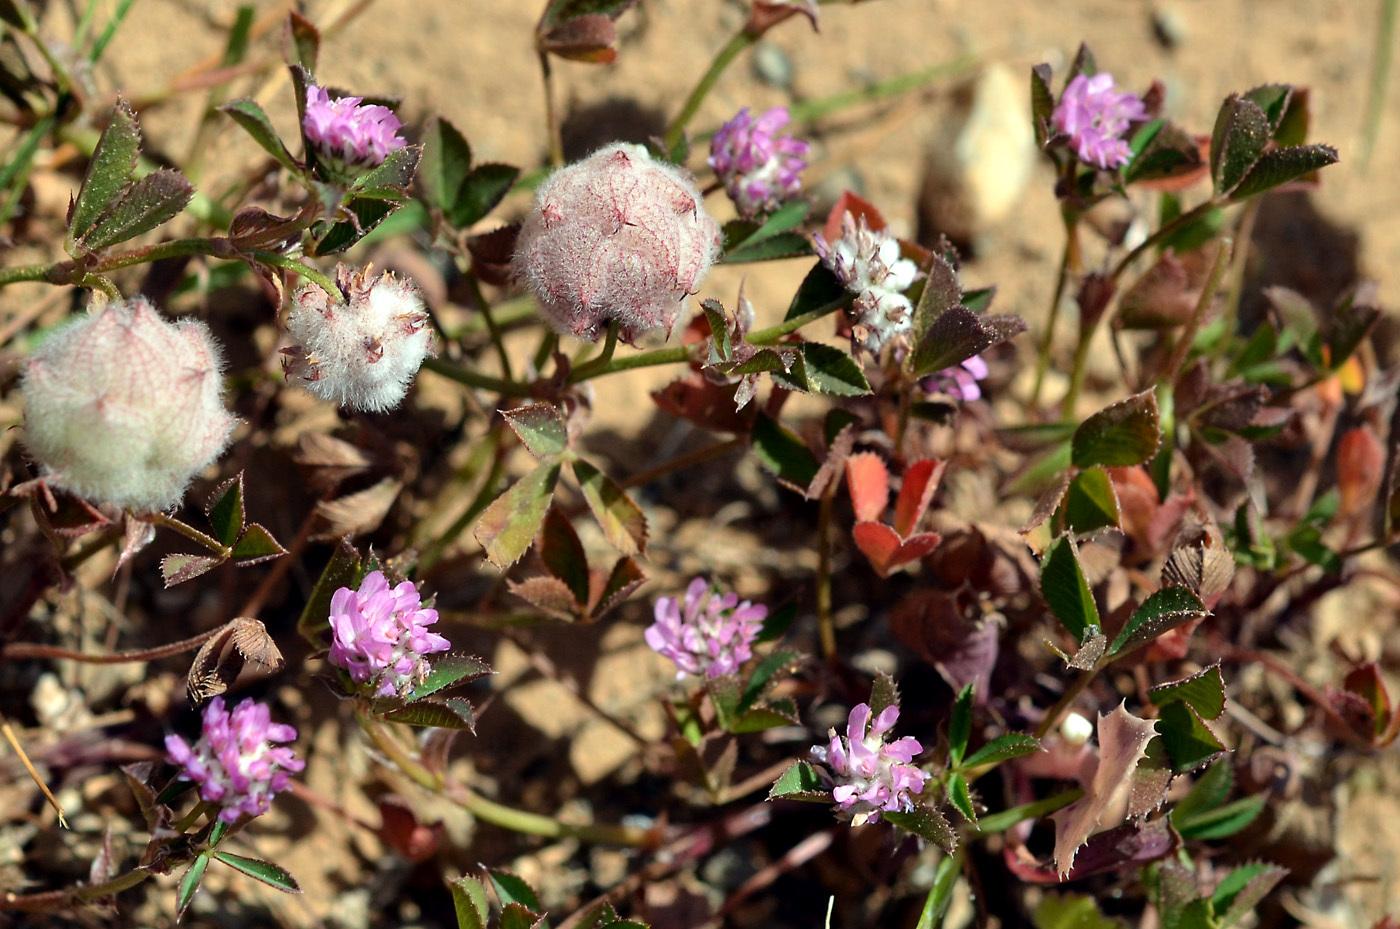 https://pictures.bgbm.org/digilib/Scaler?fn=Cyprus/Trifolium_resupinatum_C1.jpg&mo=file